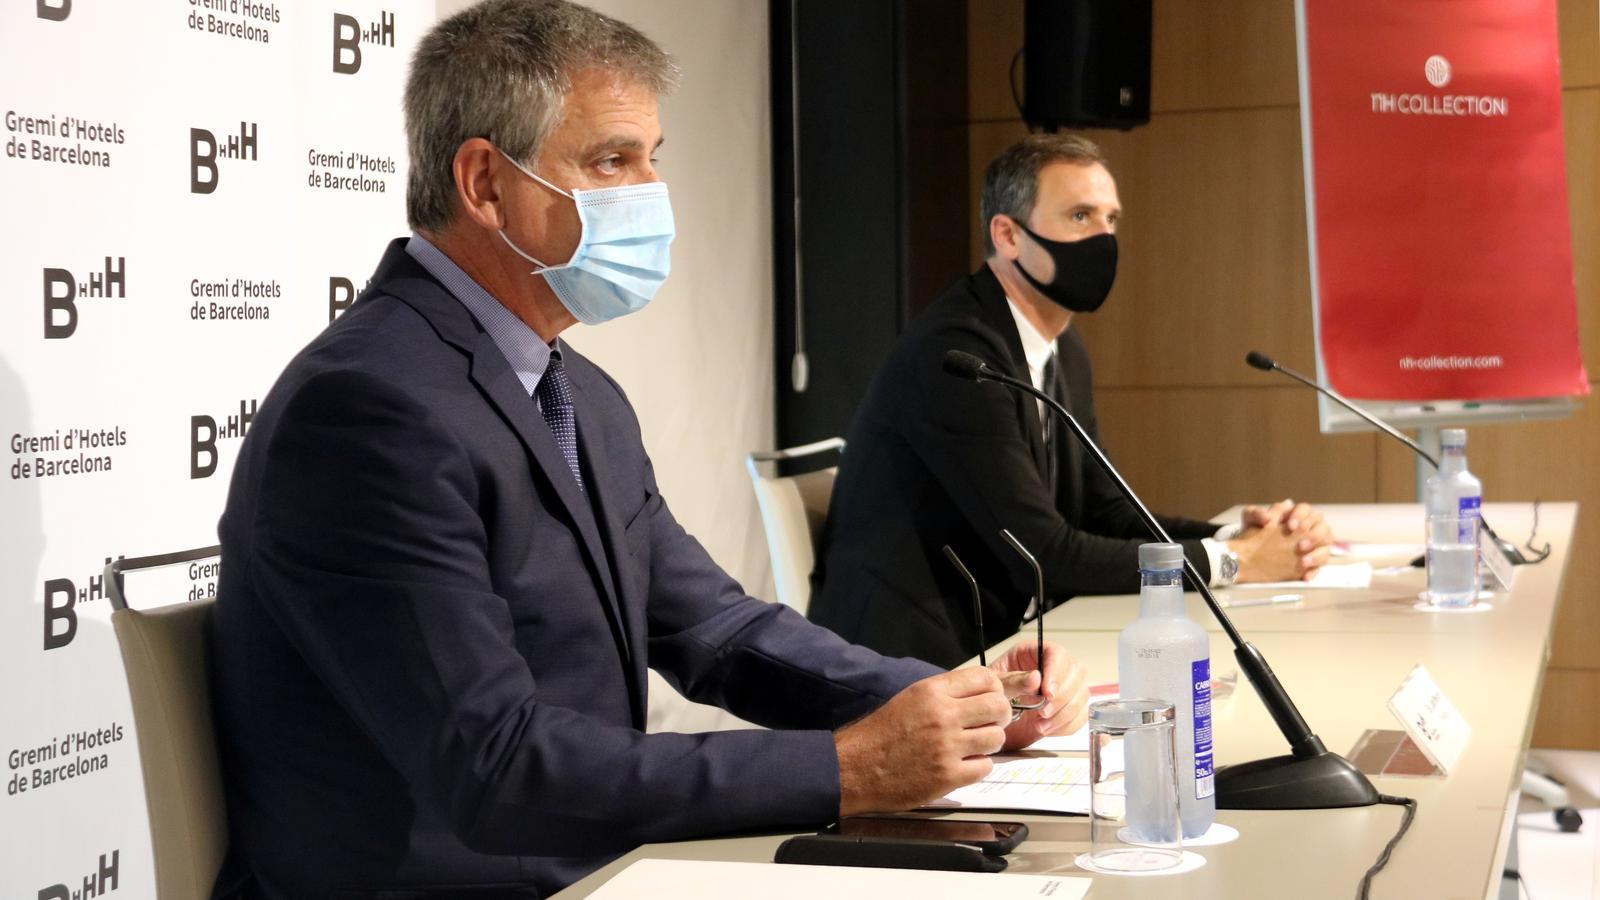 El president del Gremi, Jordi Mestre, i el director general, Manel Casals.